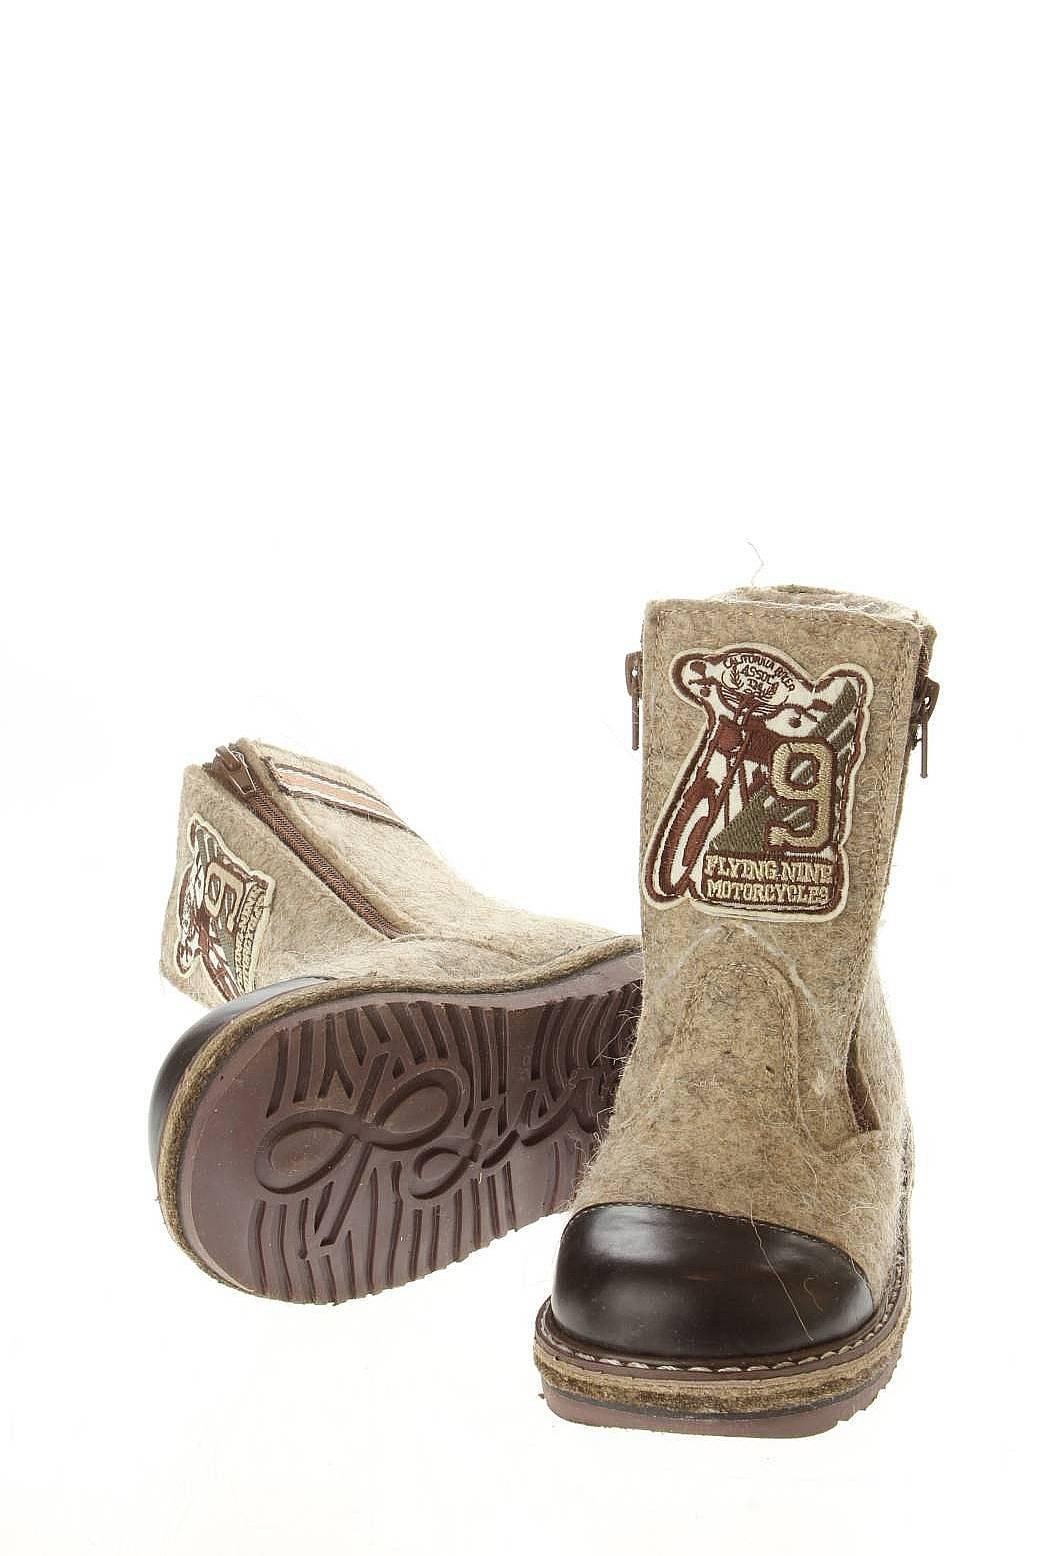 Мужская Обувь Детская Обувь Валенки: Фома Обувь